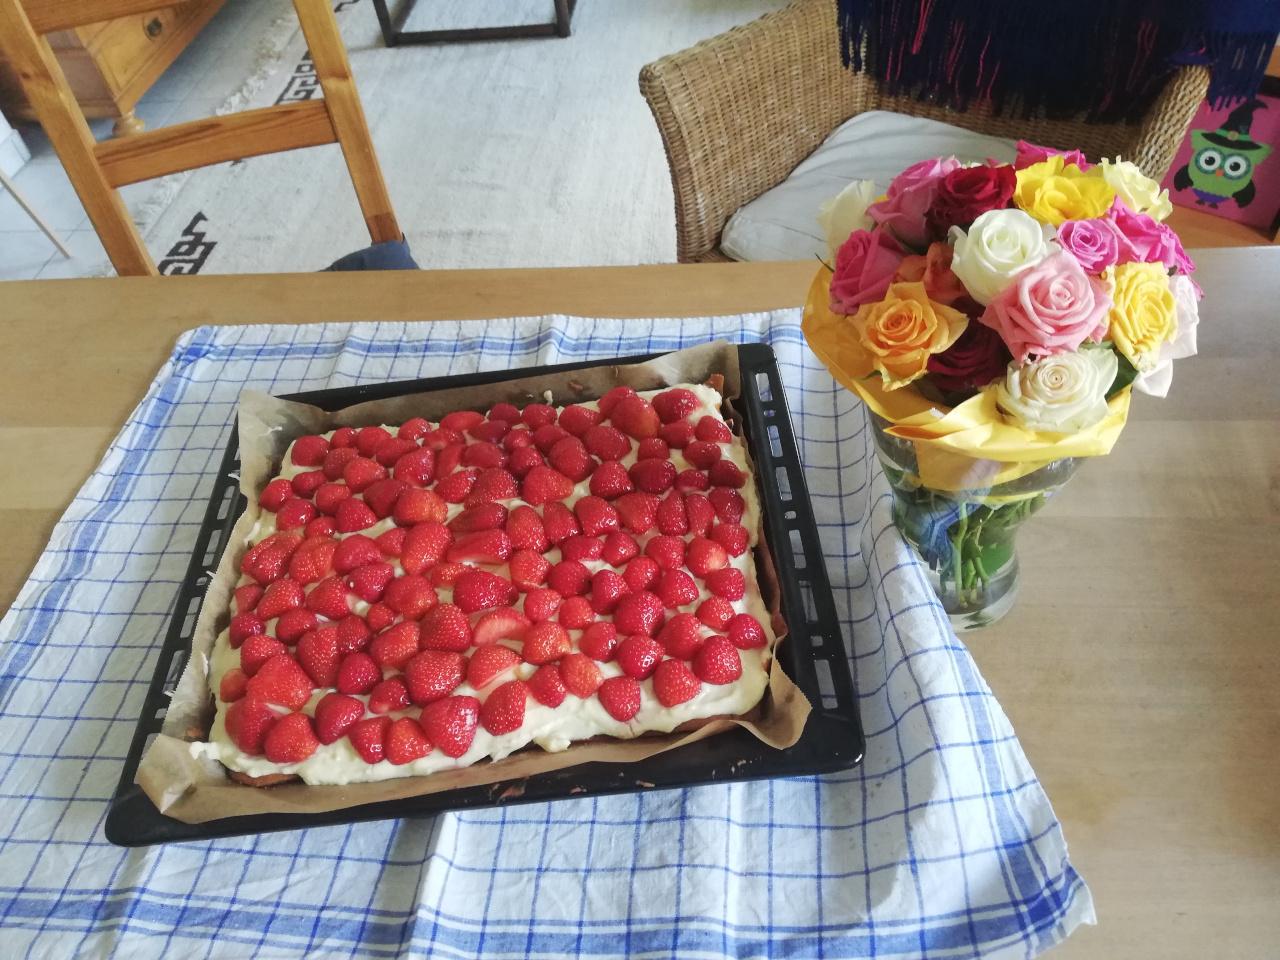 Geburtstag alleinerziehend, Erdbeer-Kuchen